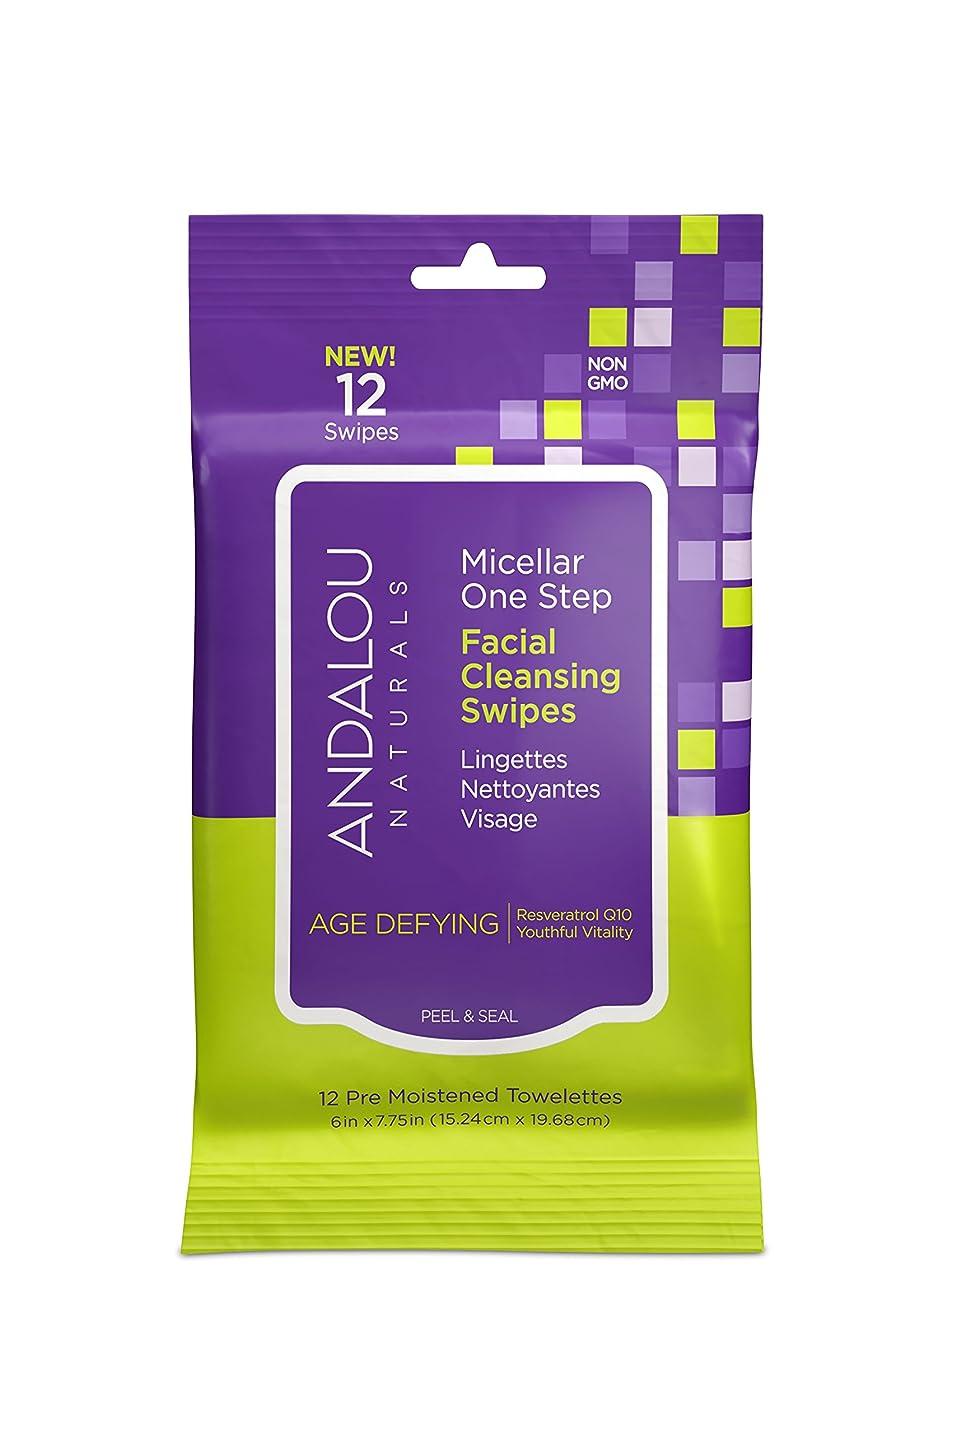 マウントシエスタ首尾一貫したオーガニック ボタニカル クレンジングシート 洗顔シート ナチュラル フルーツ幹細胞 「 Aミセラスワイプ 12枚入り 」 ANDALOU naturals アンダルー ナチュラルズ